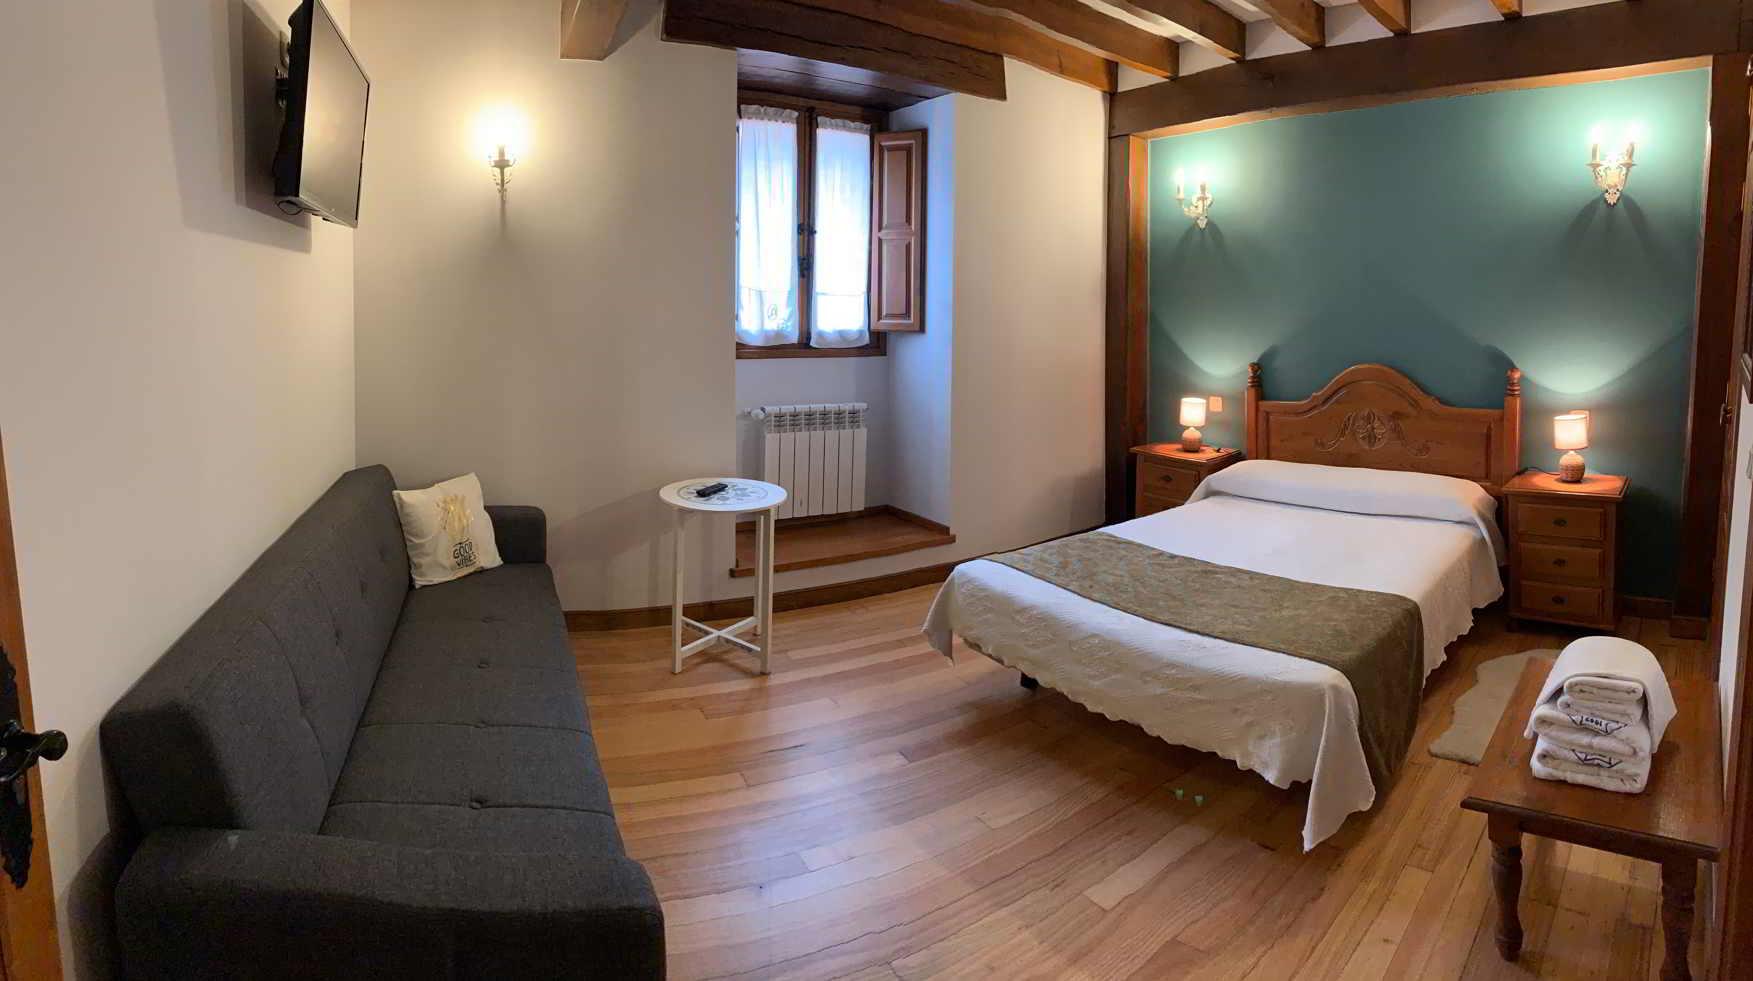 hotel_casa rural_cantabria_grupos grandes_mascotas_san vicente de la barquera_comillas_llanes (11)